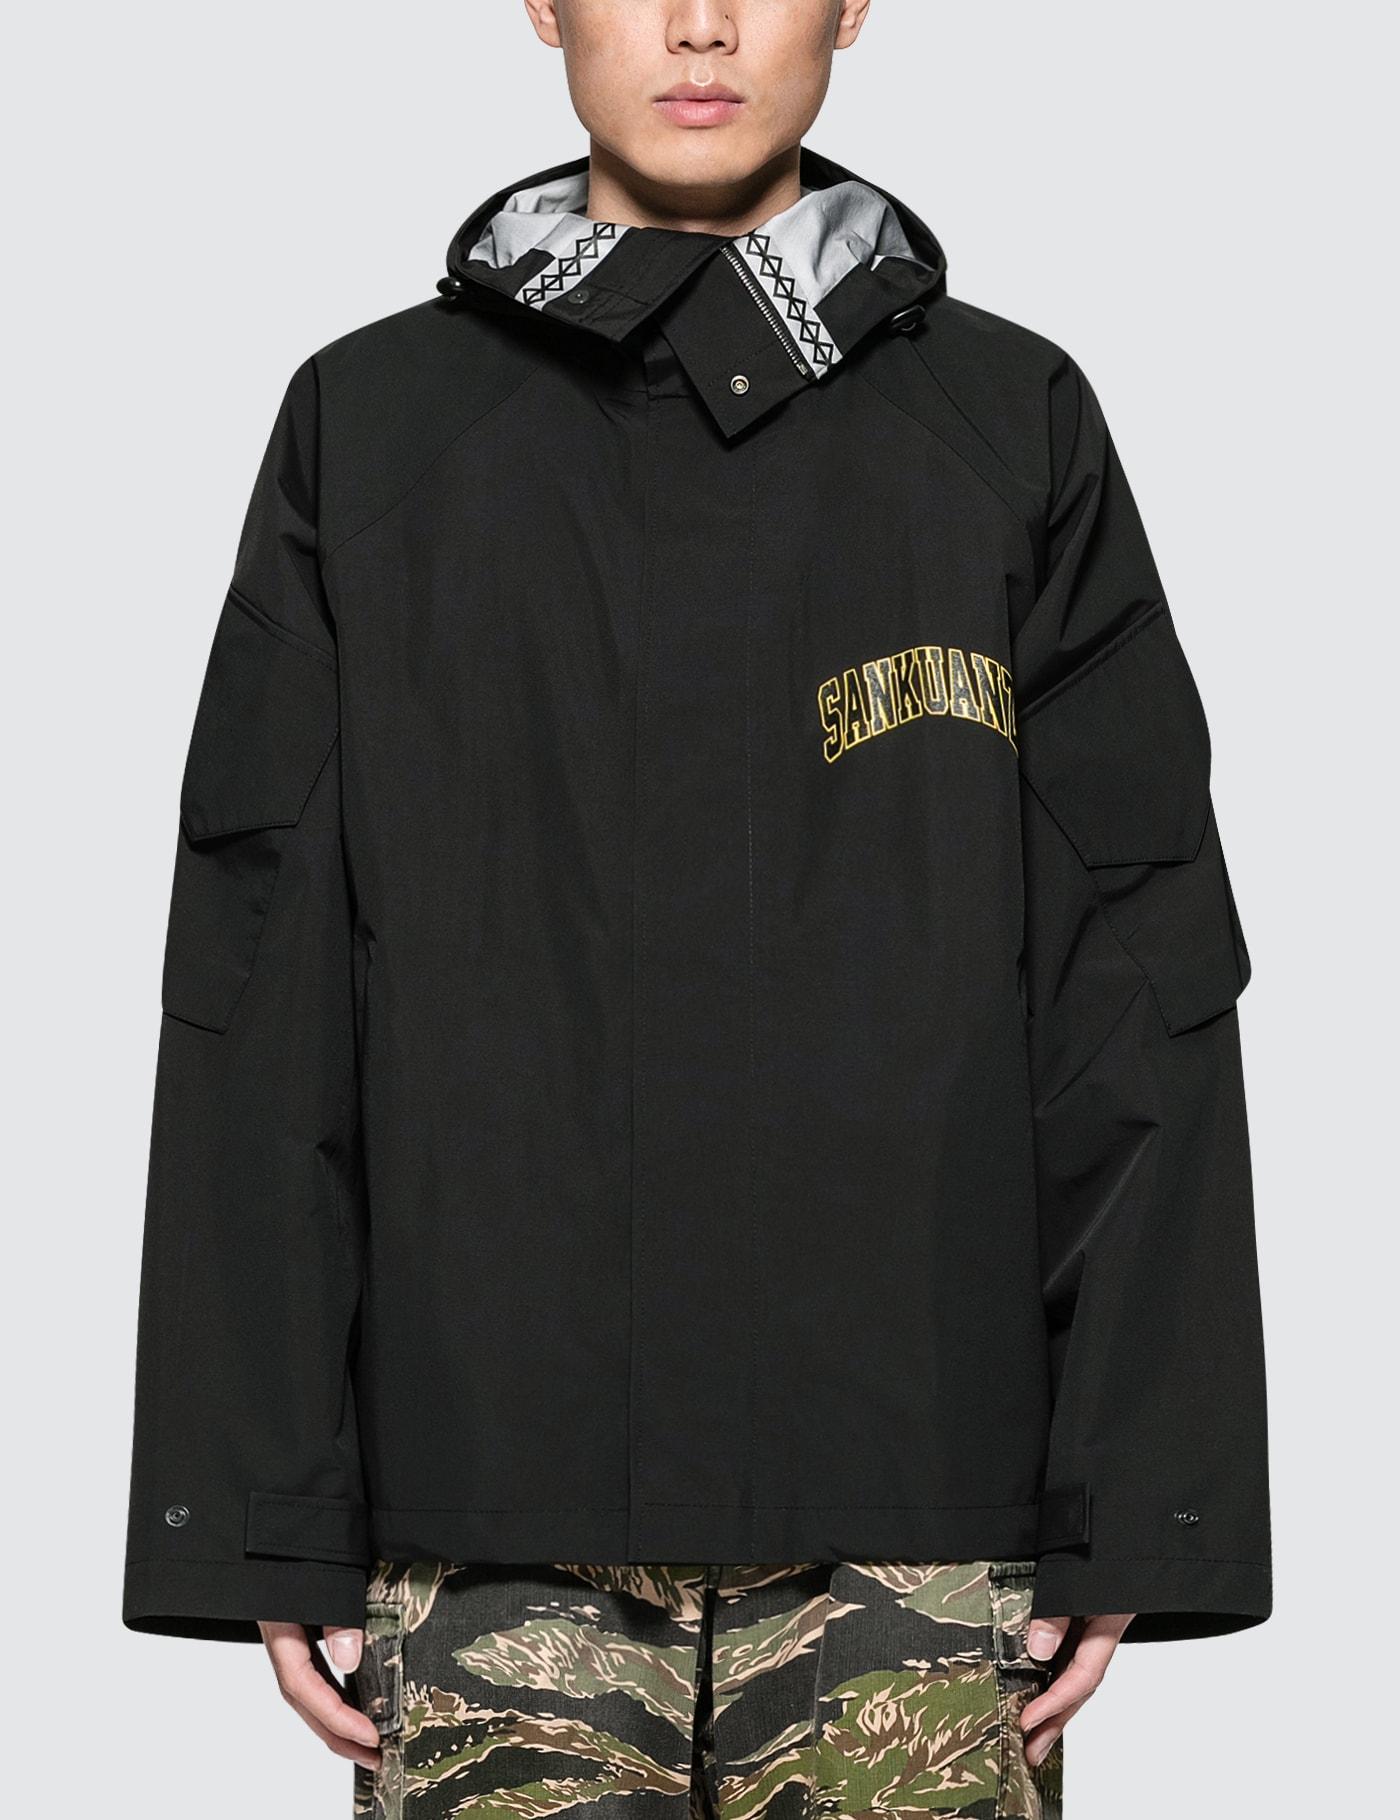 Sankuanz Jacket In Black